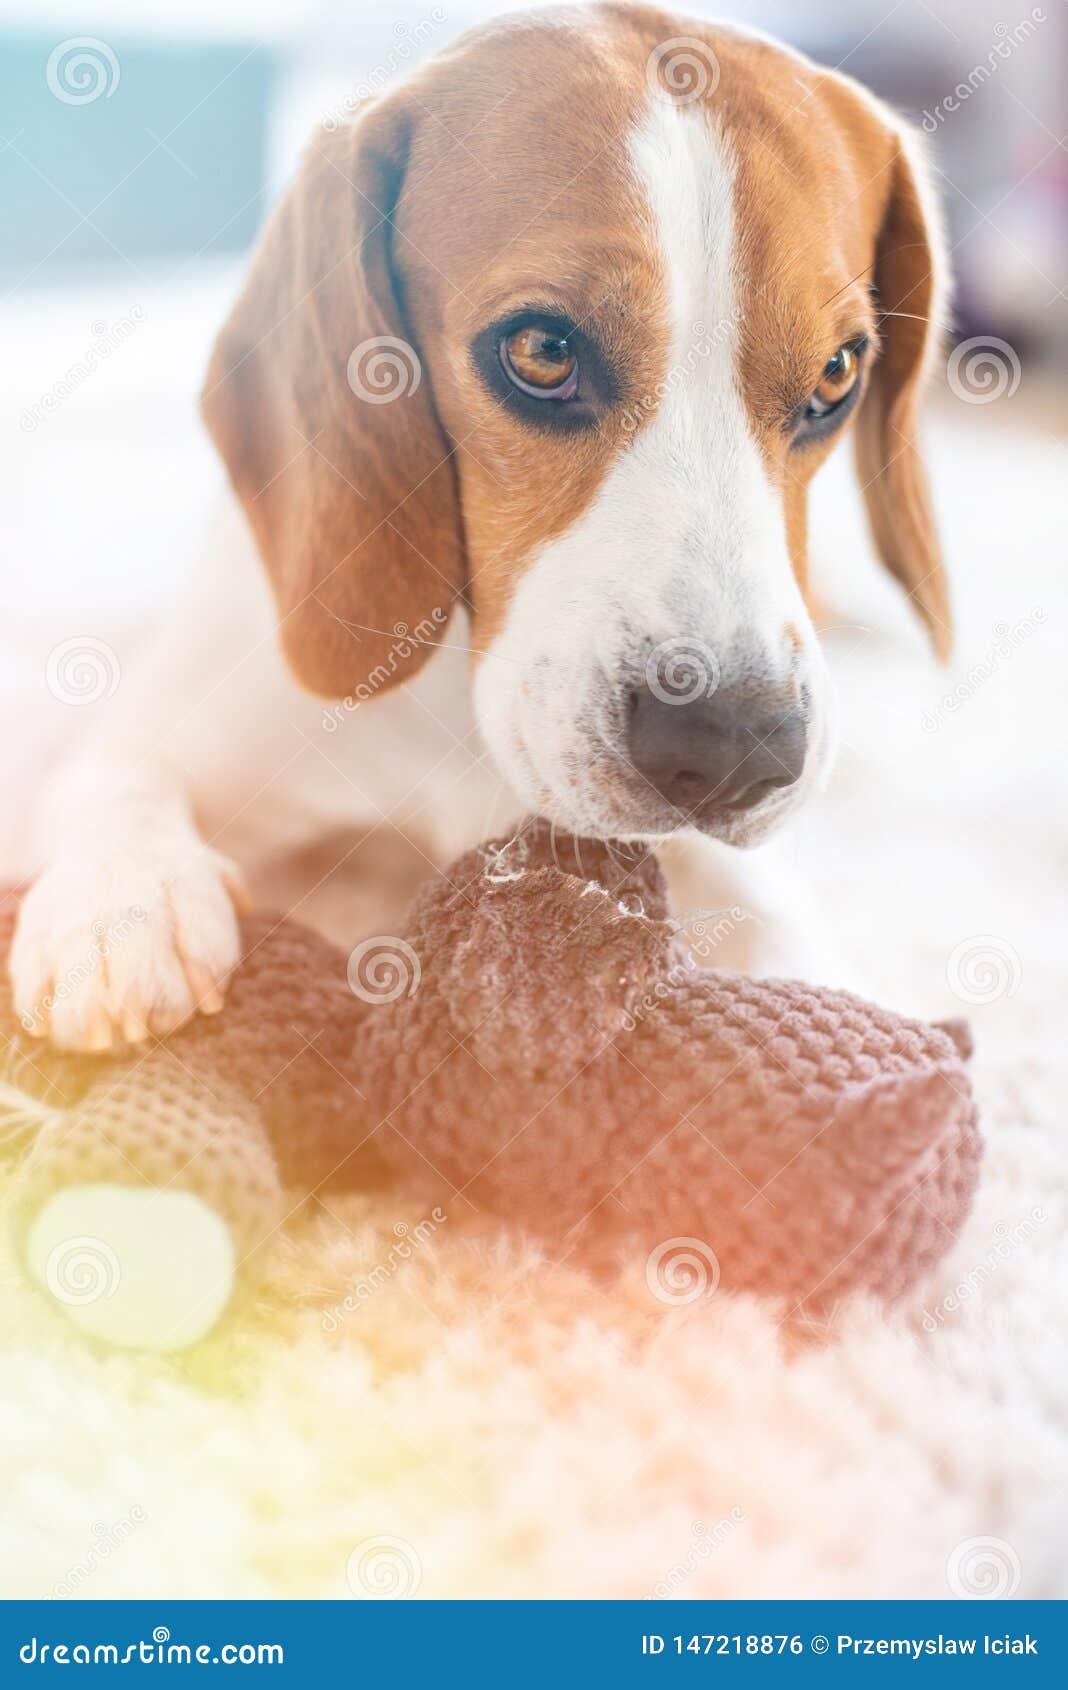 Σκυλί λαγωνικών με ένα παιχνίδι στο δαγκώνοντας και σχίζοντας παιχνίδι πατωμάτων χώρια